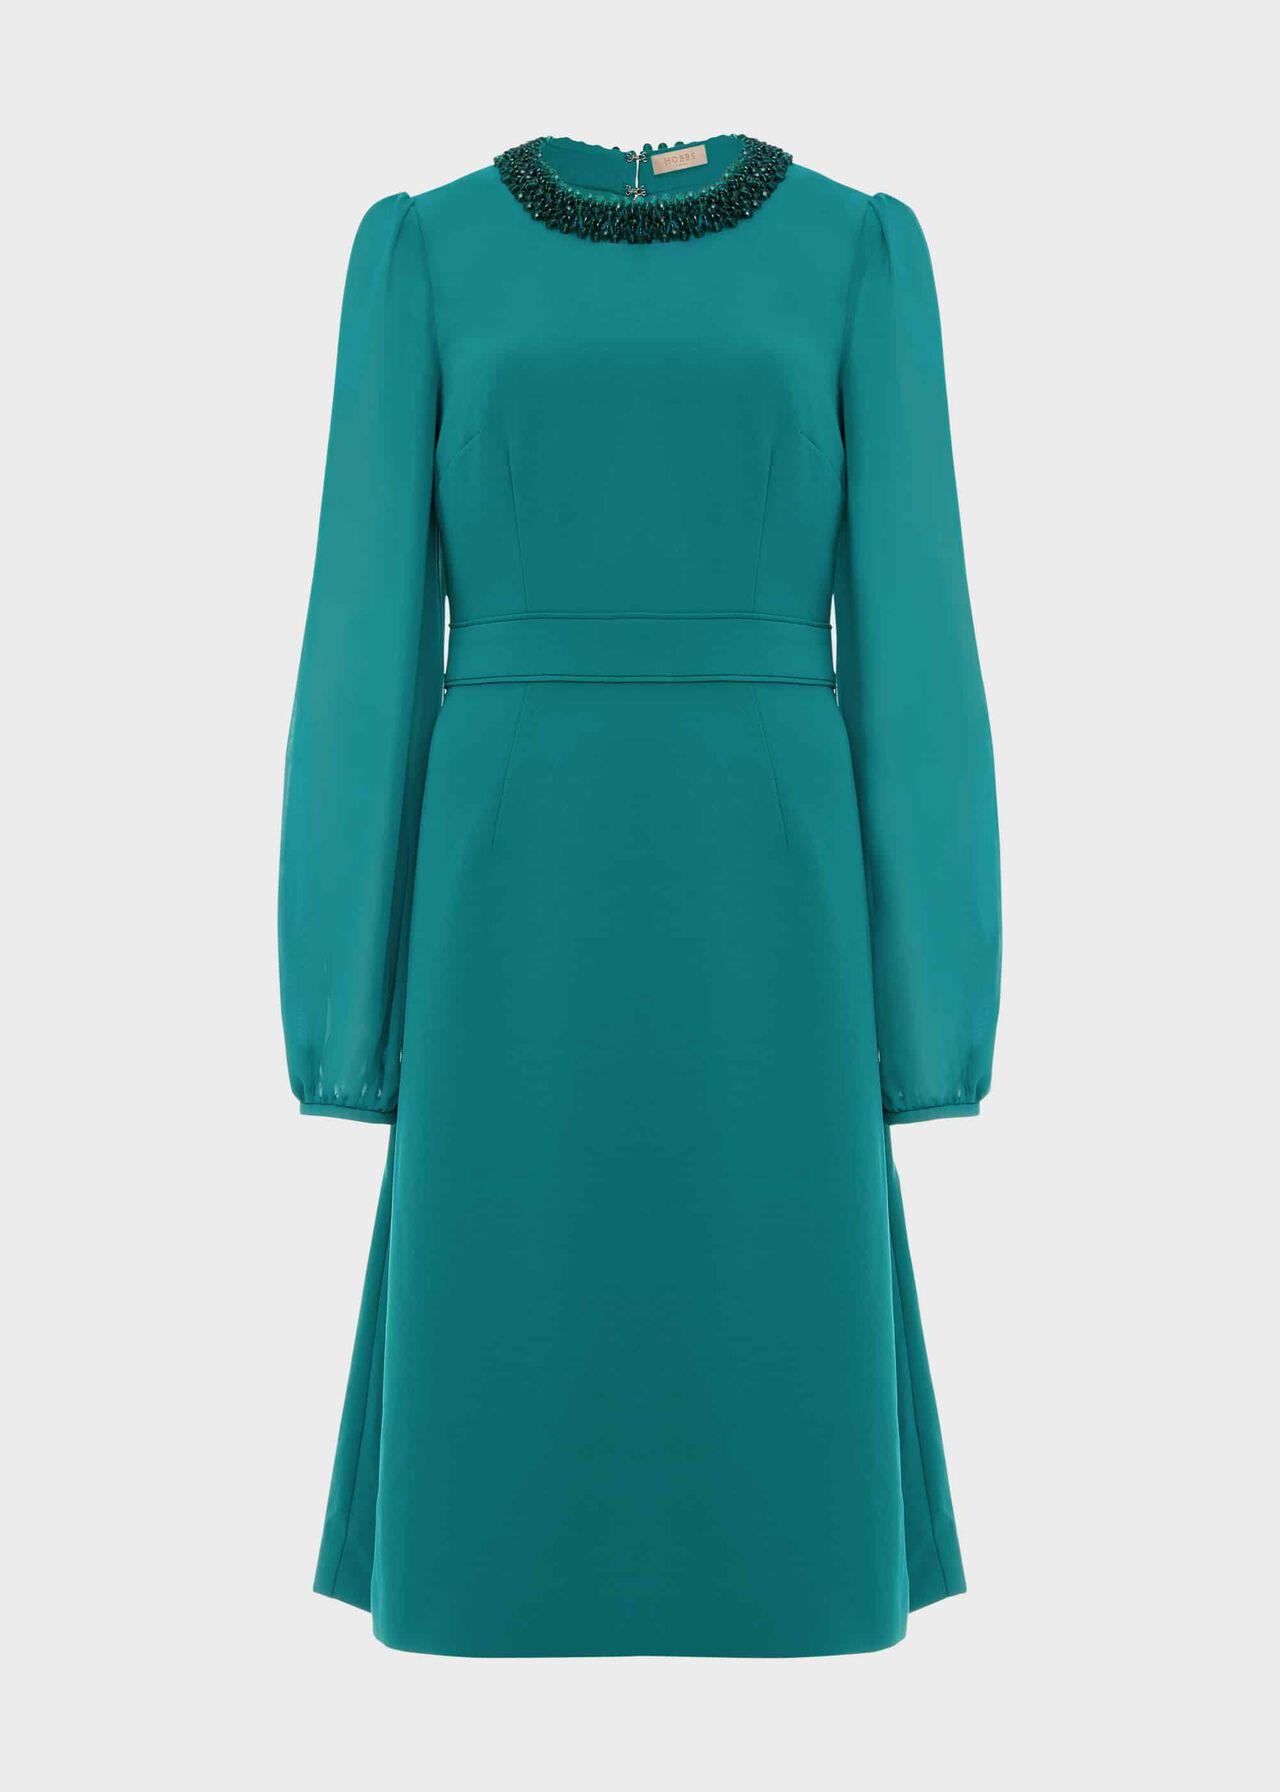 Jada Beaded Dress Jade